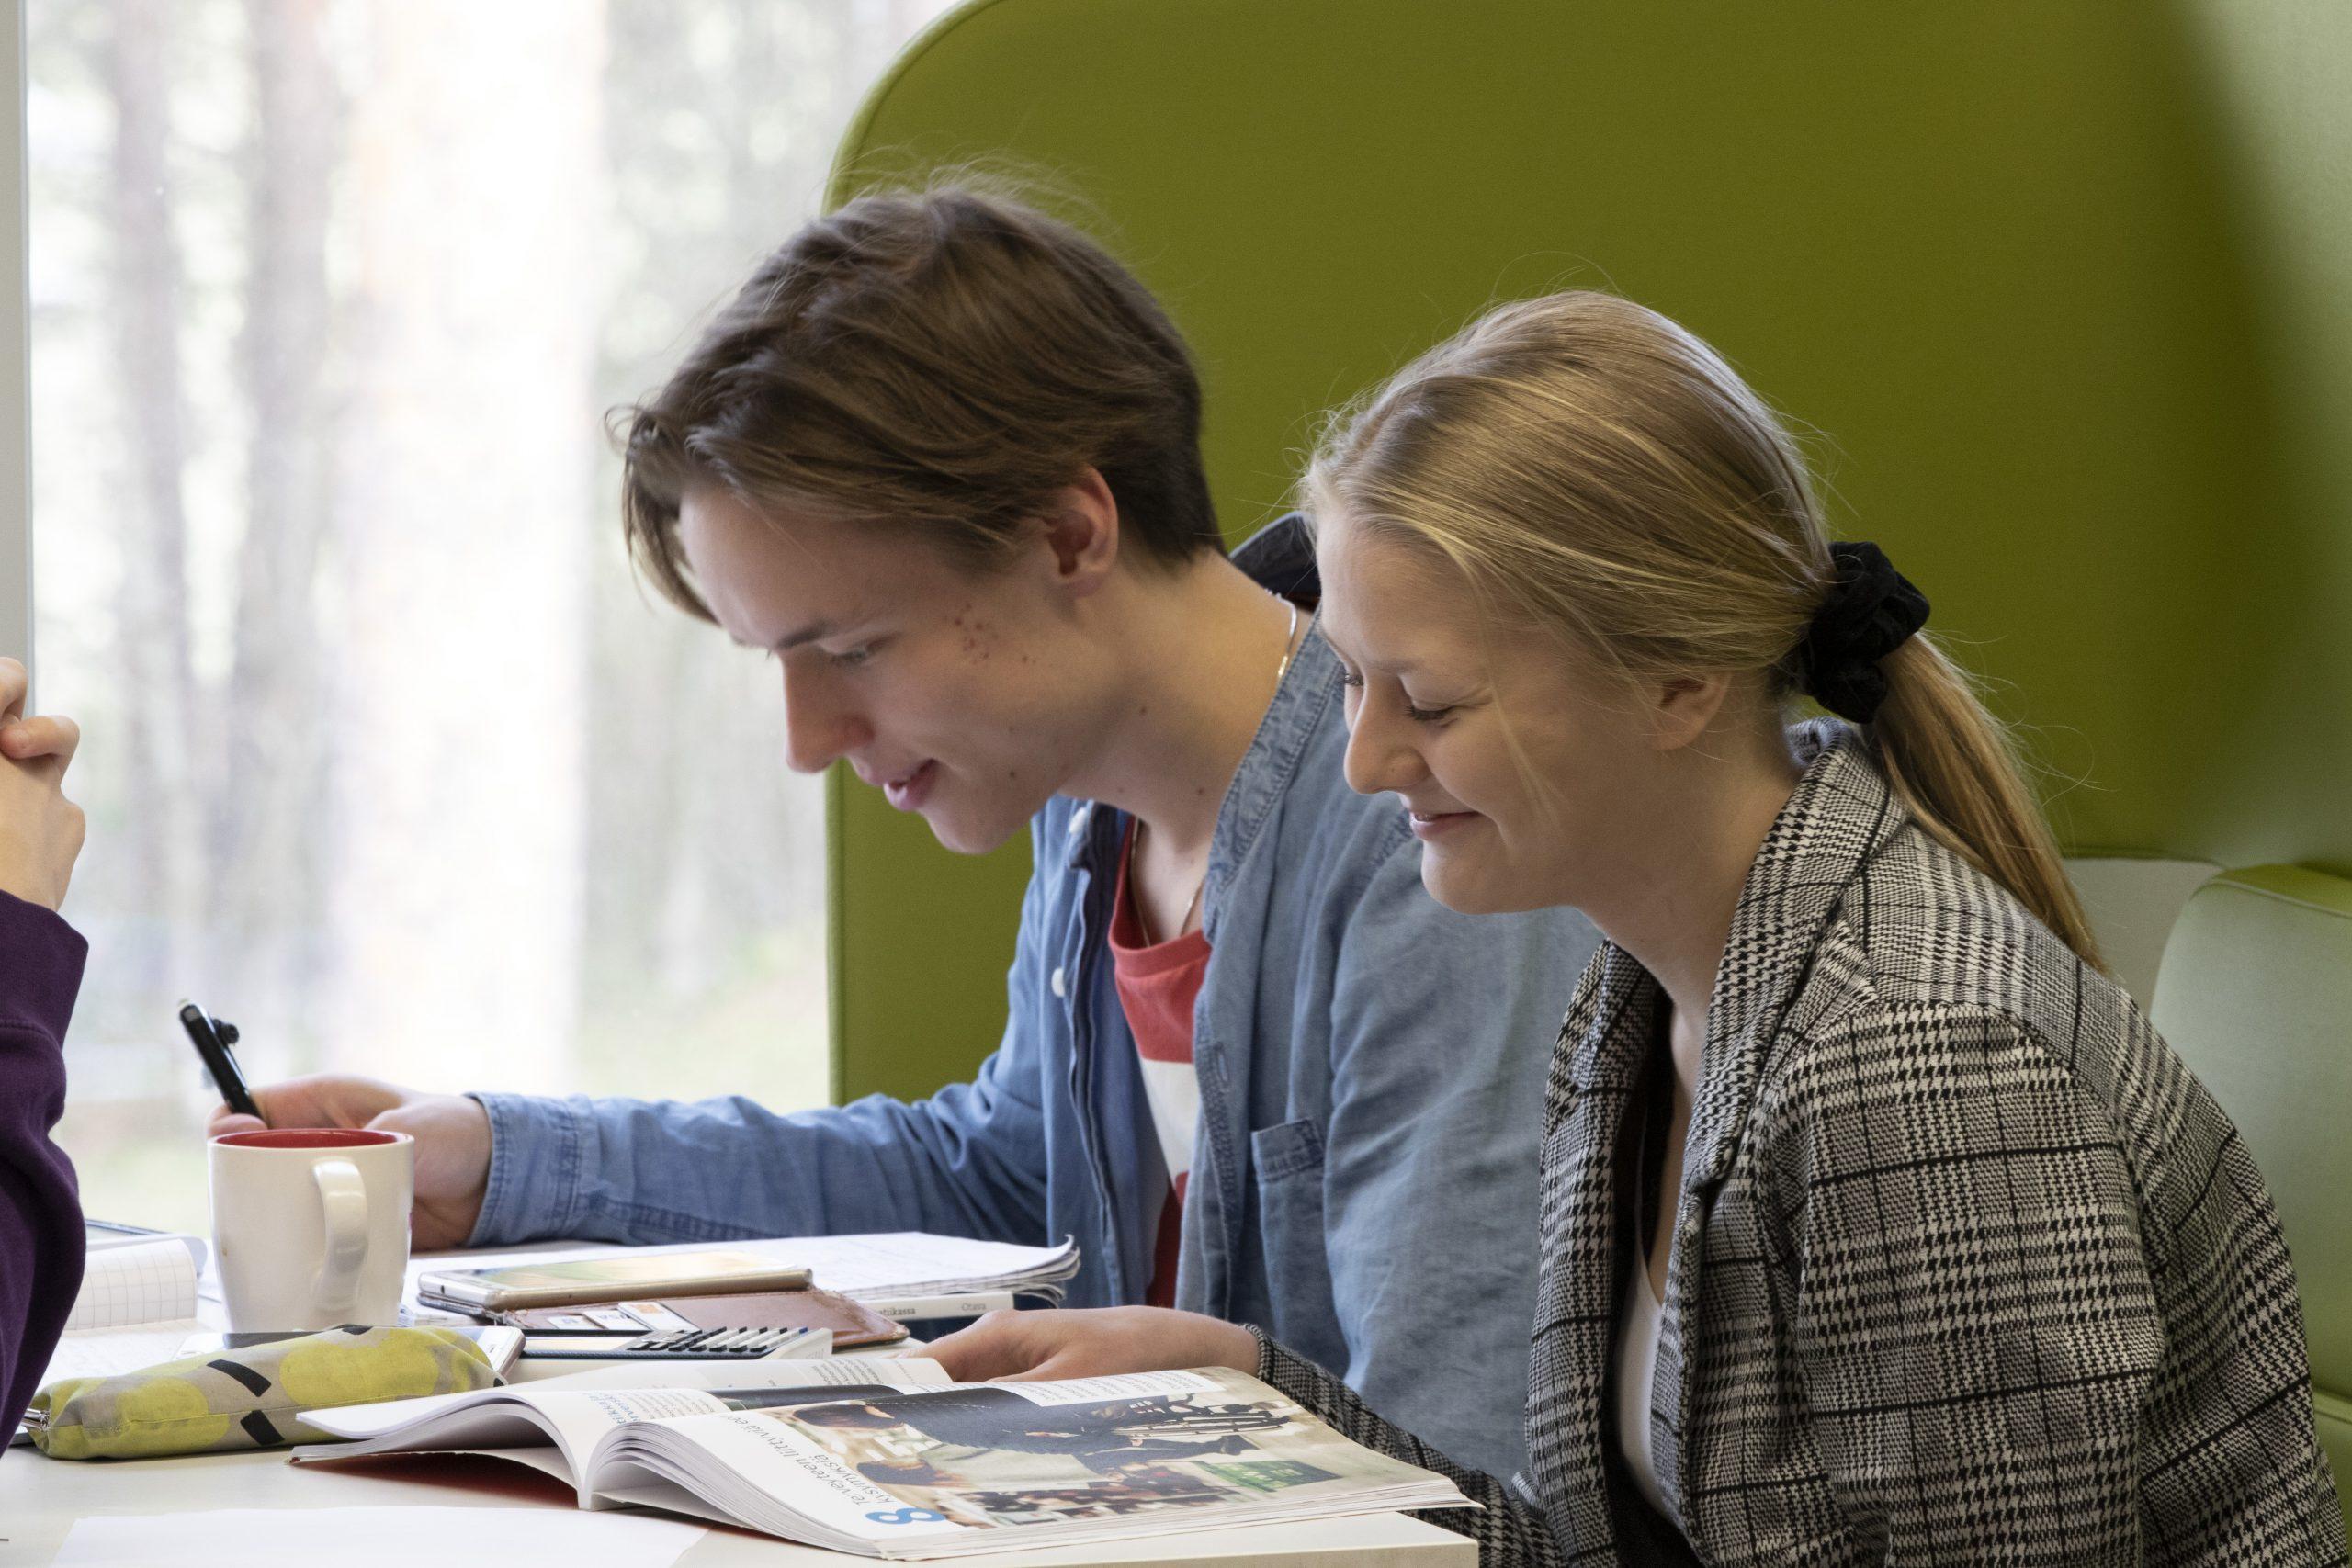 Poika ja tyttö istuvat vierekkäin ja lukevat oppikirjaa, kuva